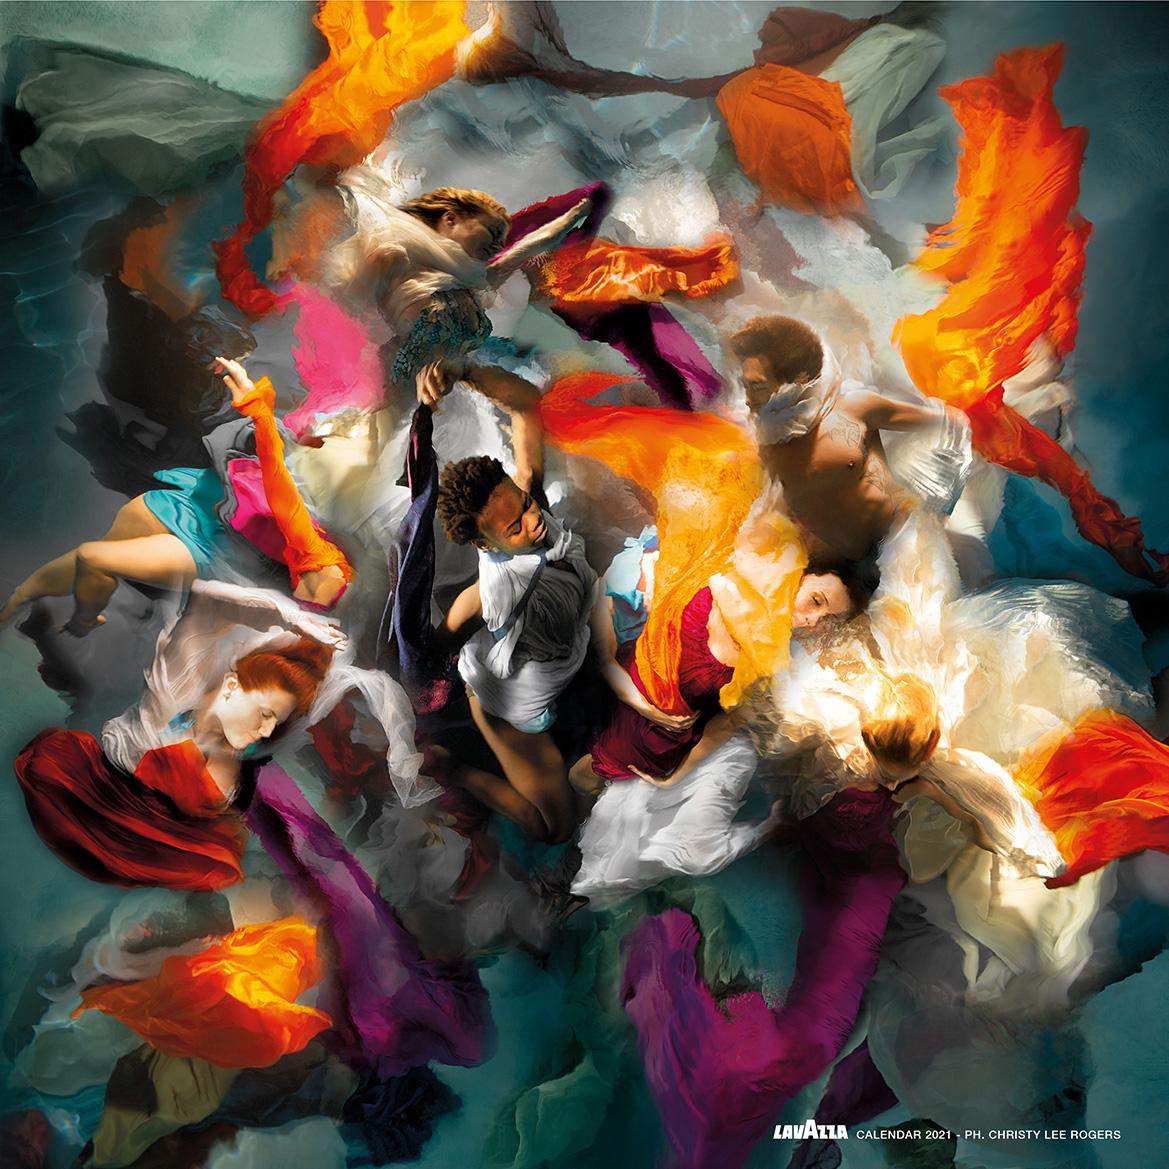 Das Cover des Lavazza Kalenders 2021 zeigt ein Unterwasserfoto der hawaiianischen Fotografin Christy Lee Rogers. (c) Christy Lee Rogers / Lavazza